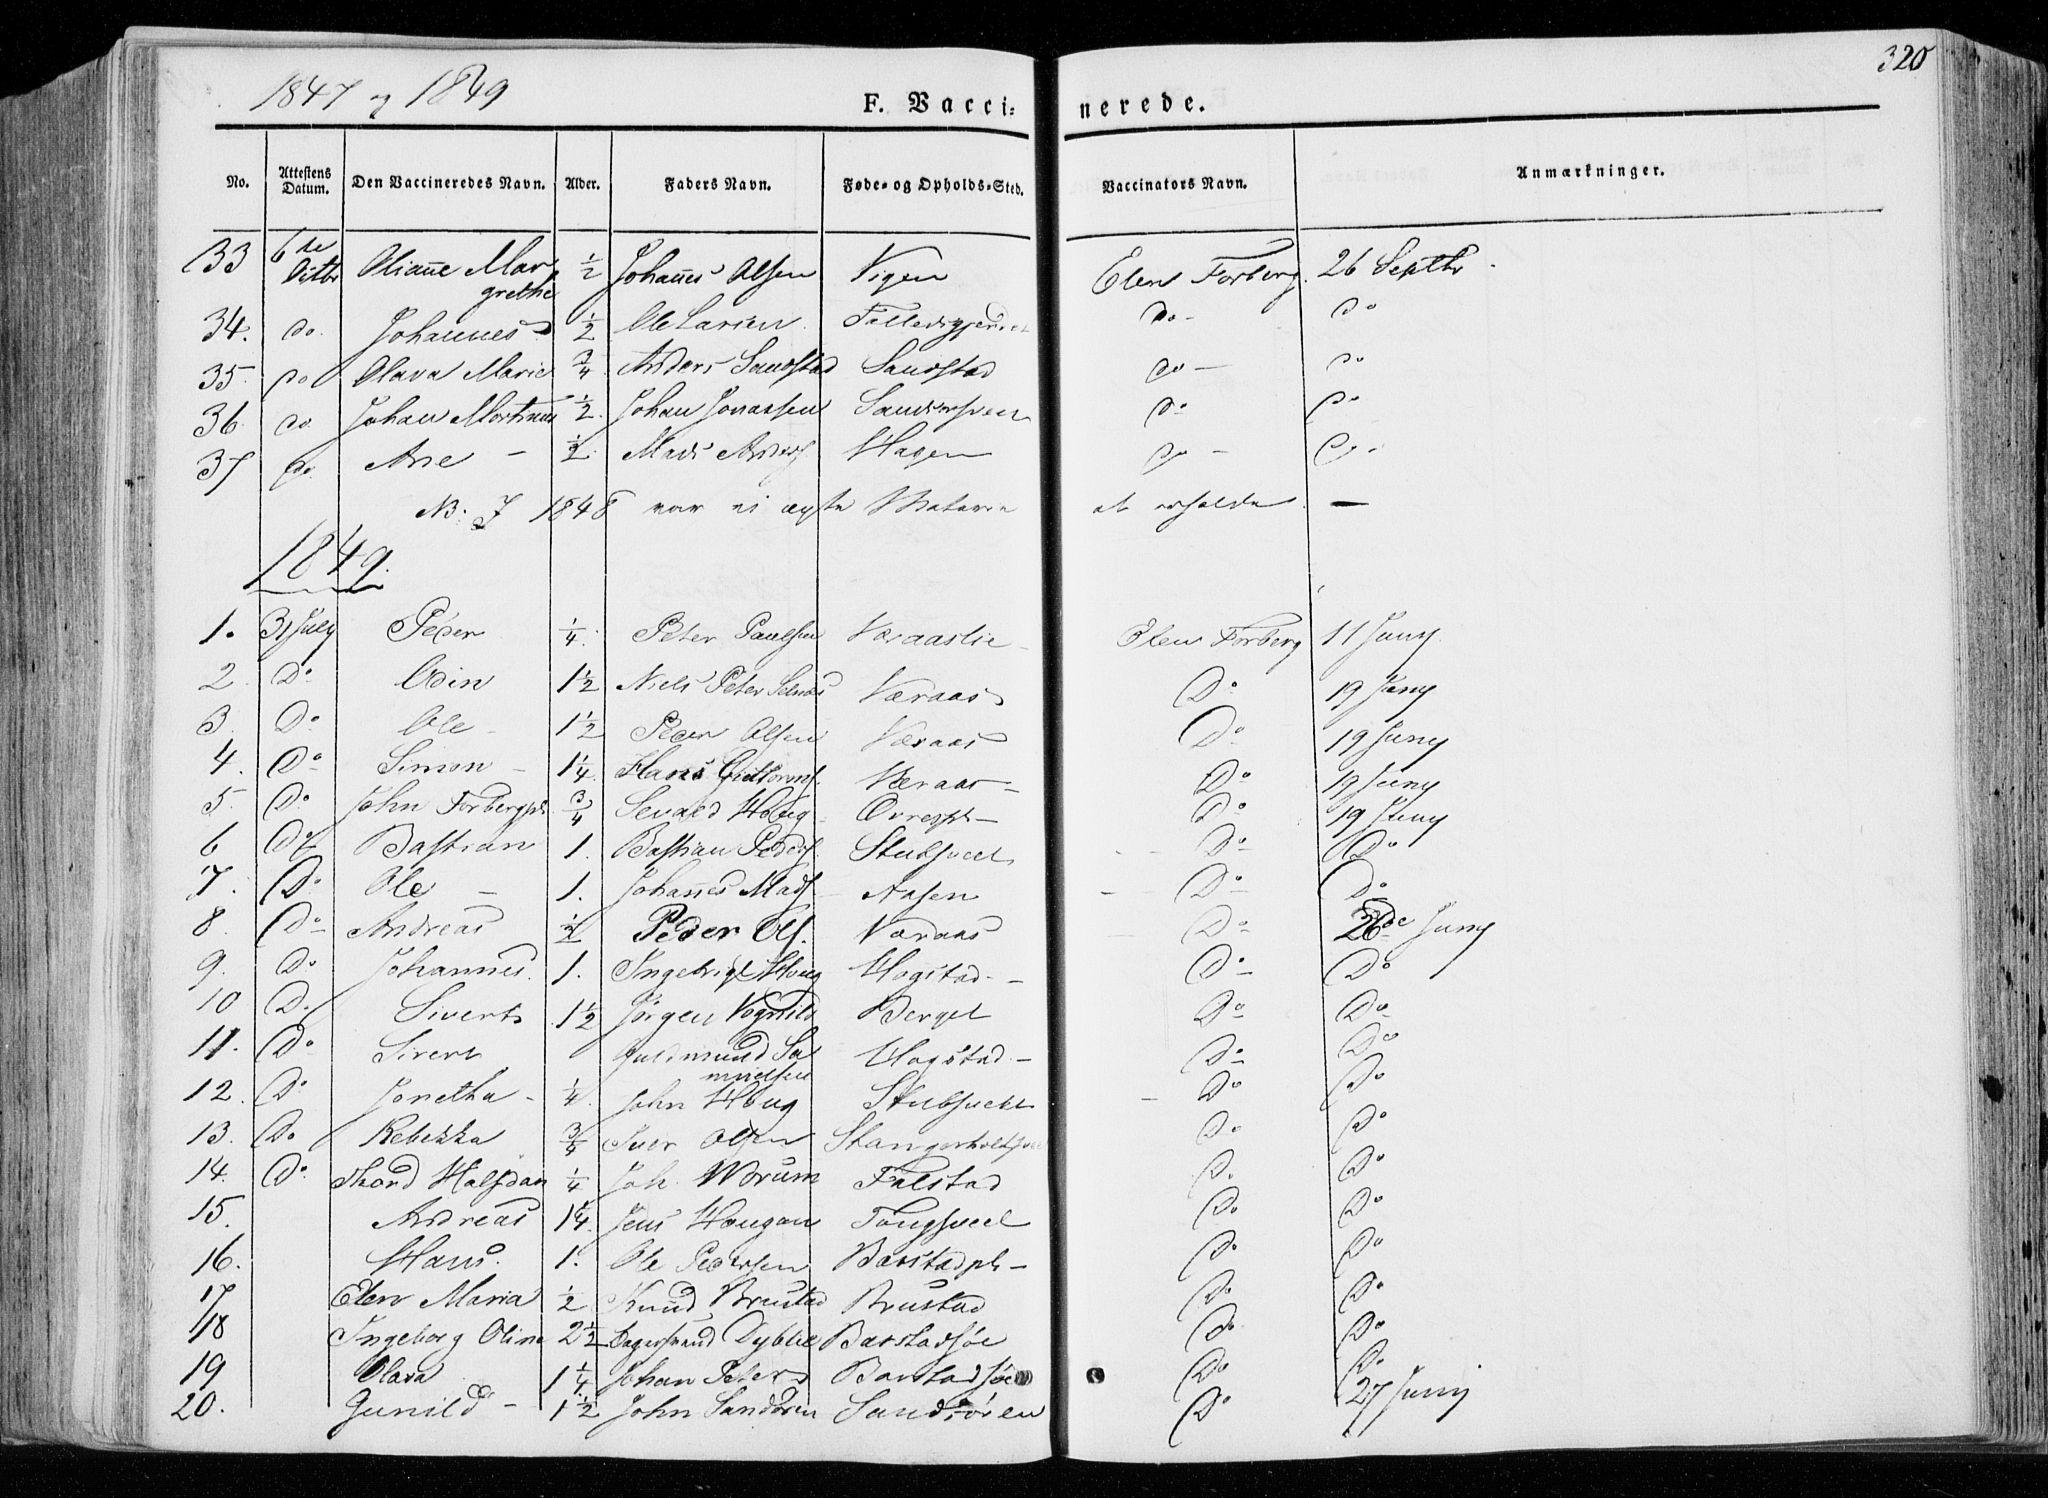 SAT, Ministerialprotokoller, klokkerbøker og fødselsregistre - Nord-Trøndelag, 722/L0218: Ministerialbok nr. 722A05, 1843-1868, s. 320